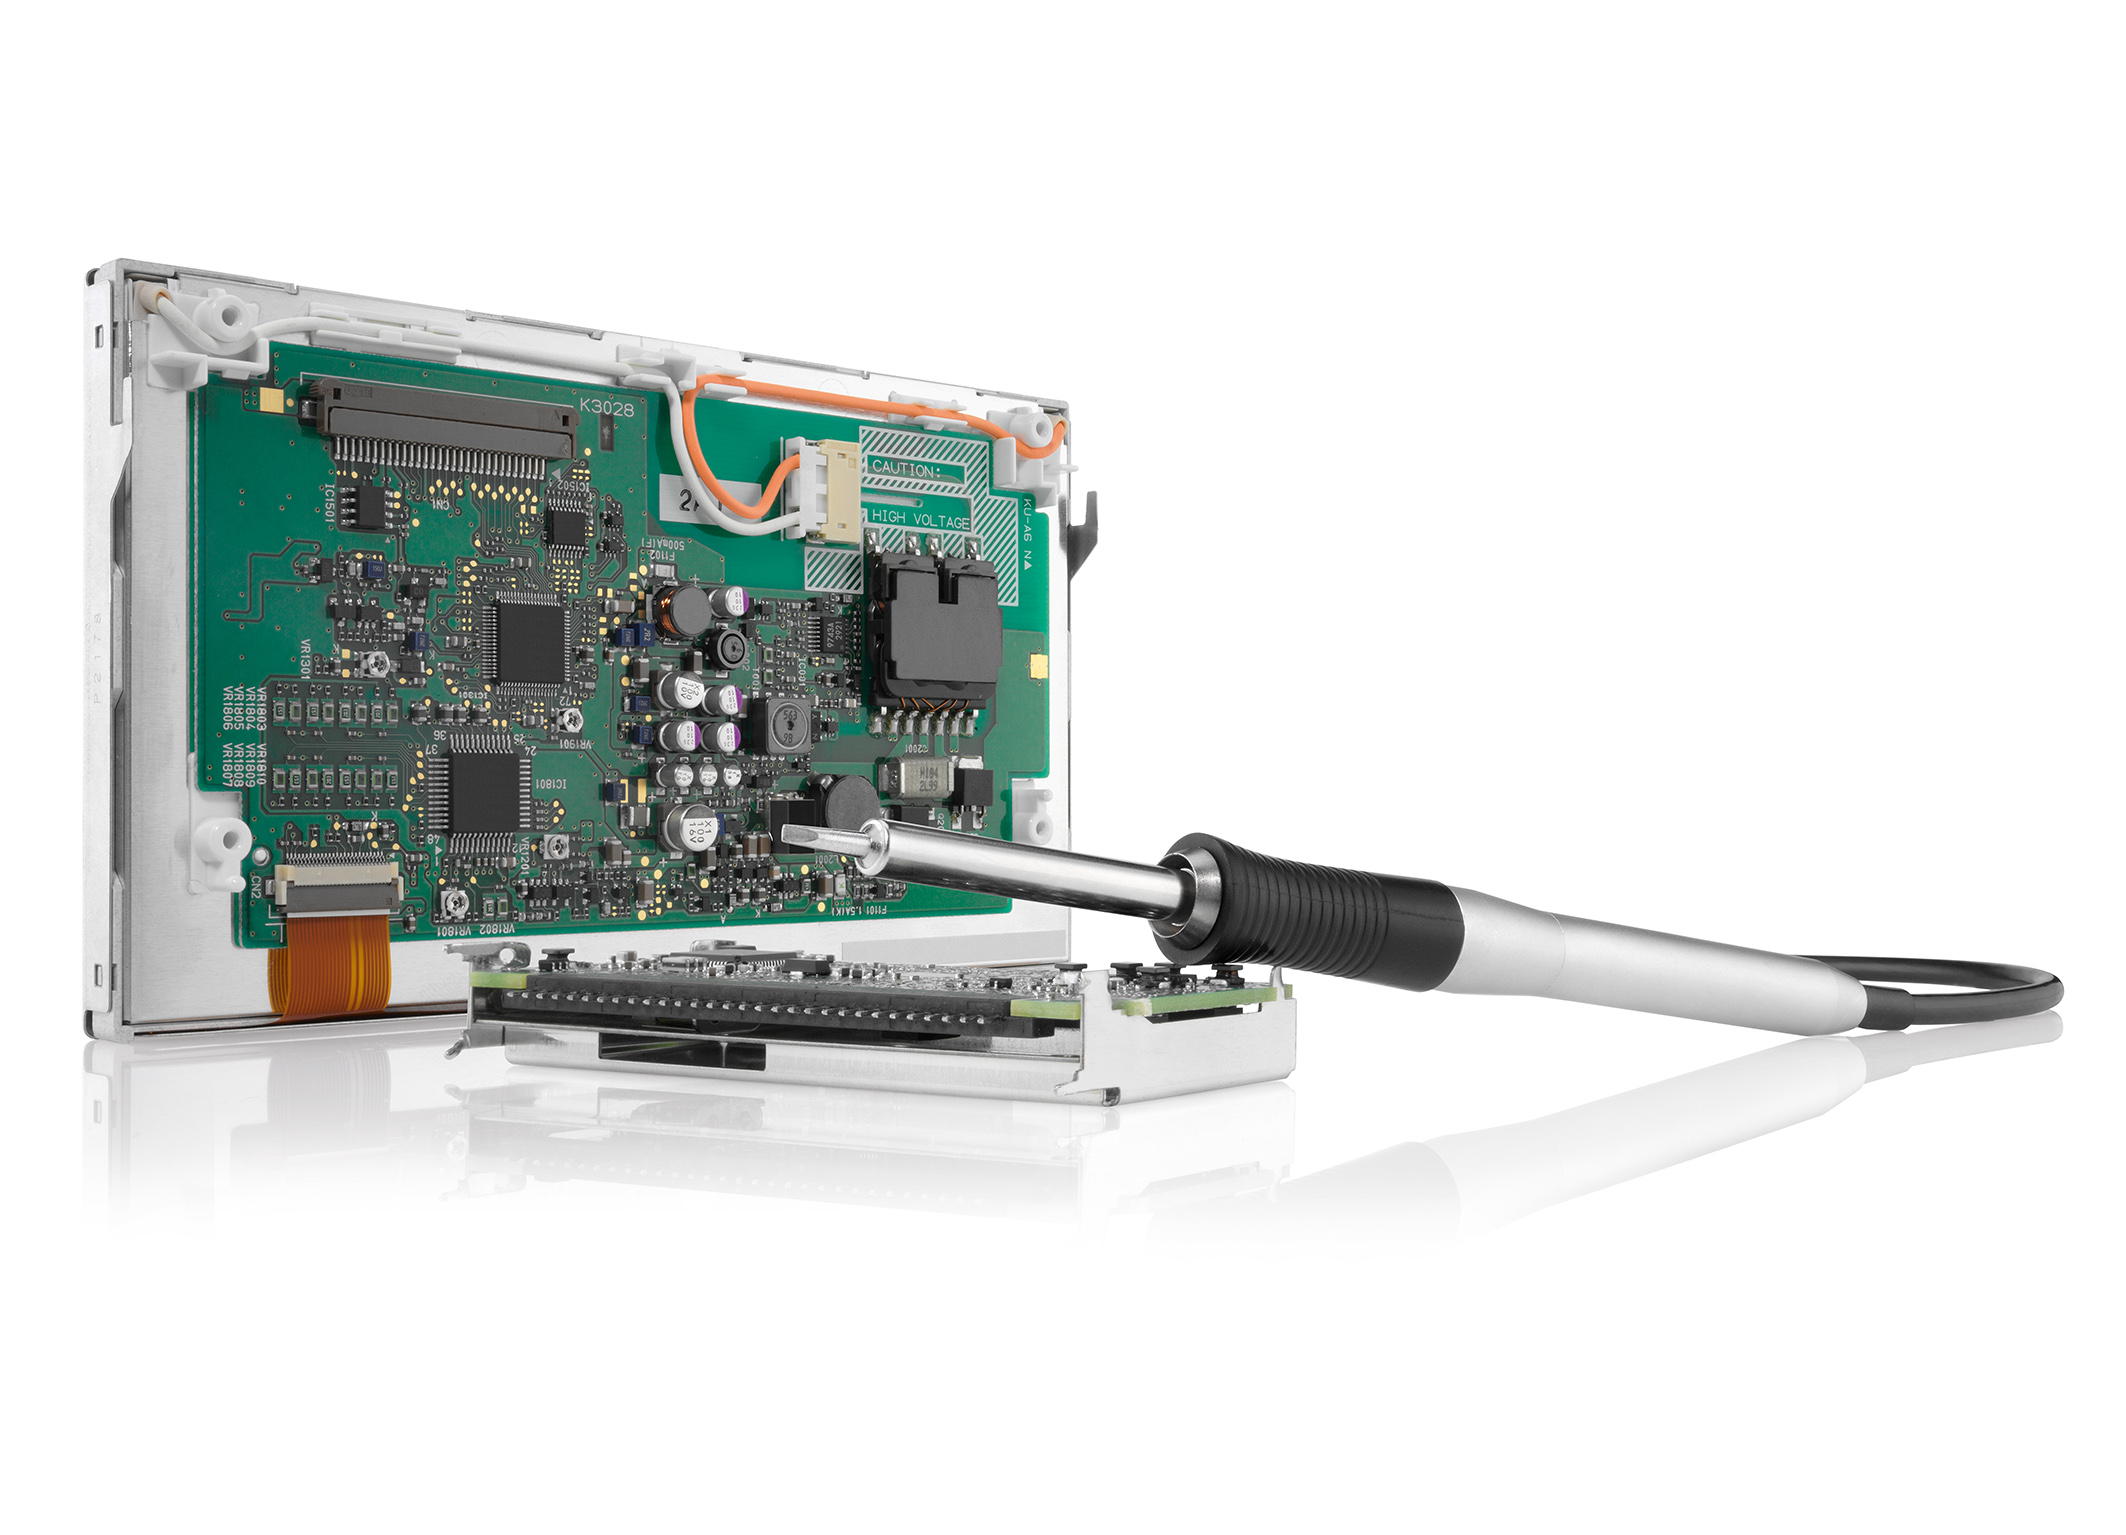 Der Bosch Electronic Service bietet Remanufacturing und Reparatur von elektronischen Komponenten und Steuergeräten.